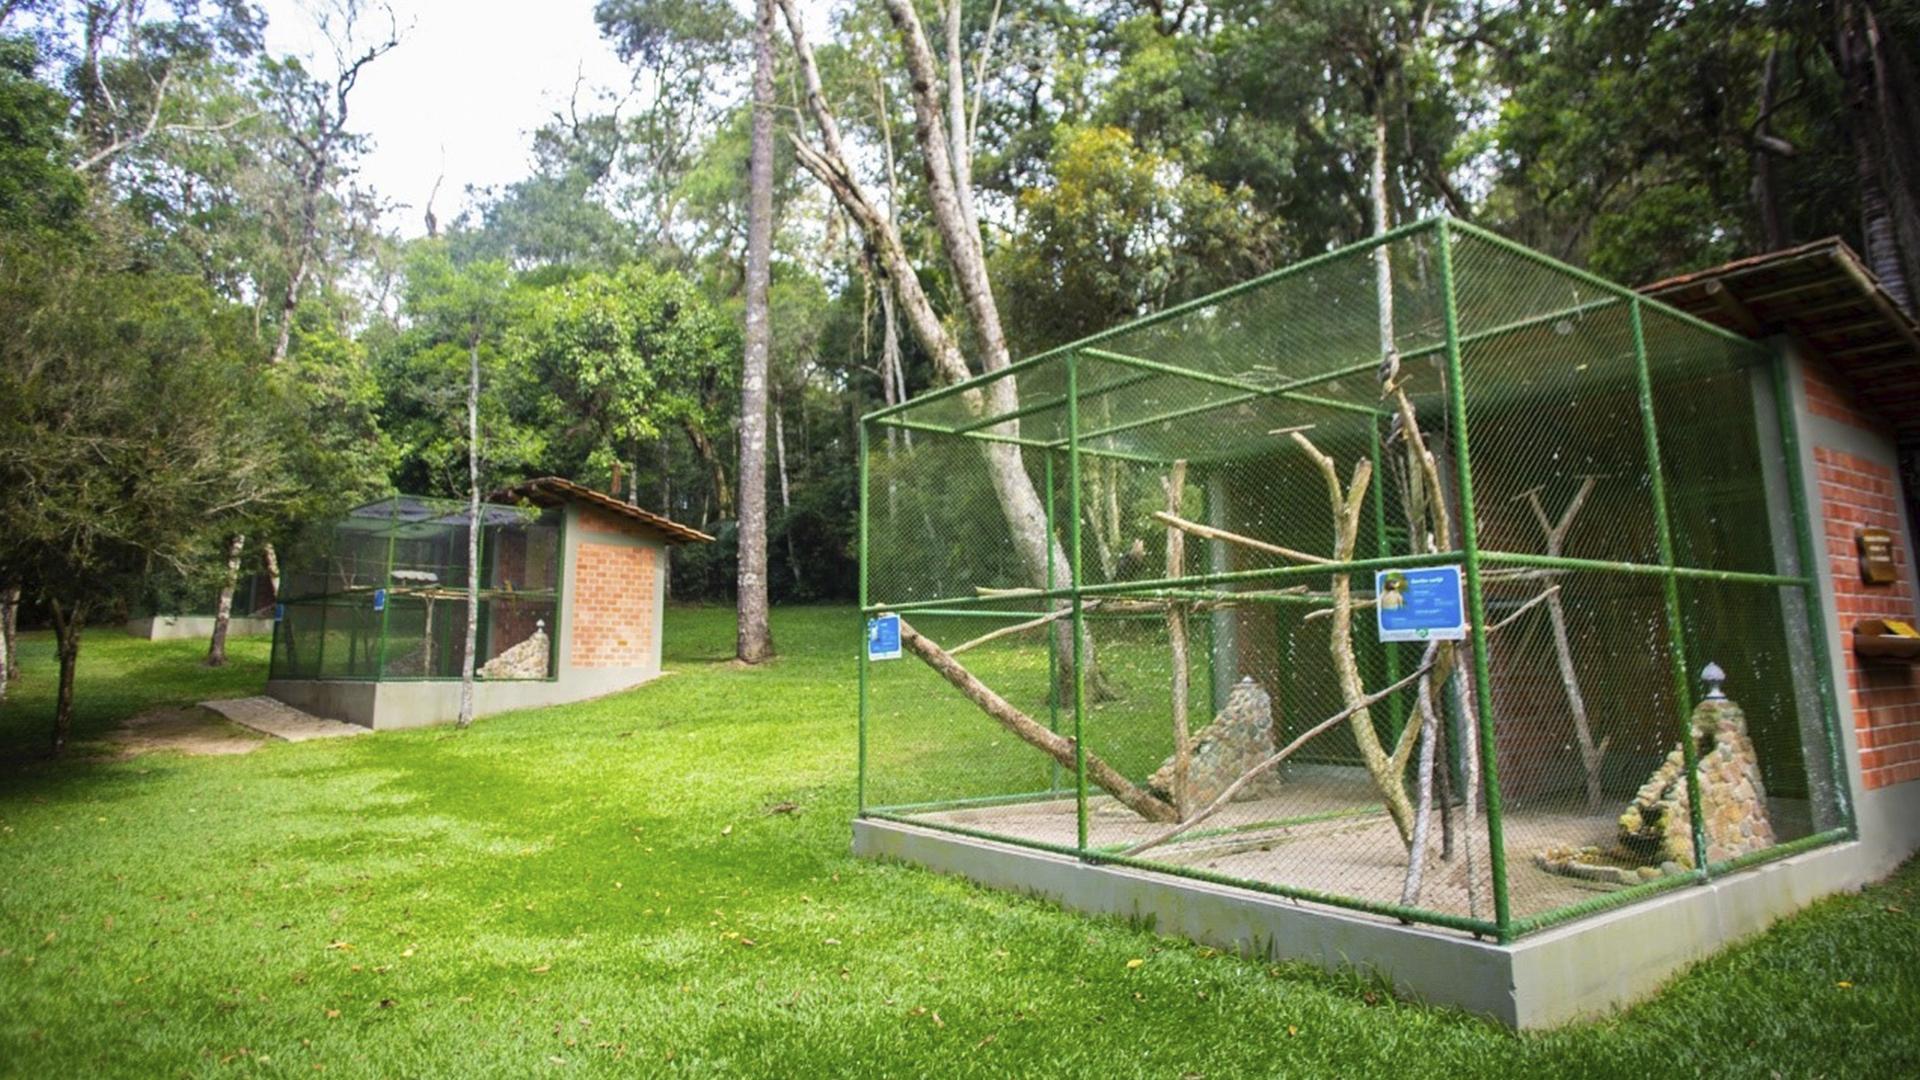 No parque, o cuidado com animais silvestres resgatados e que não têm condições de voltar ao habitat natural faz parte de uma parceria com o Instituto Águas e Terra (IAT)